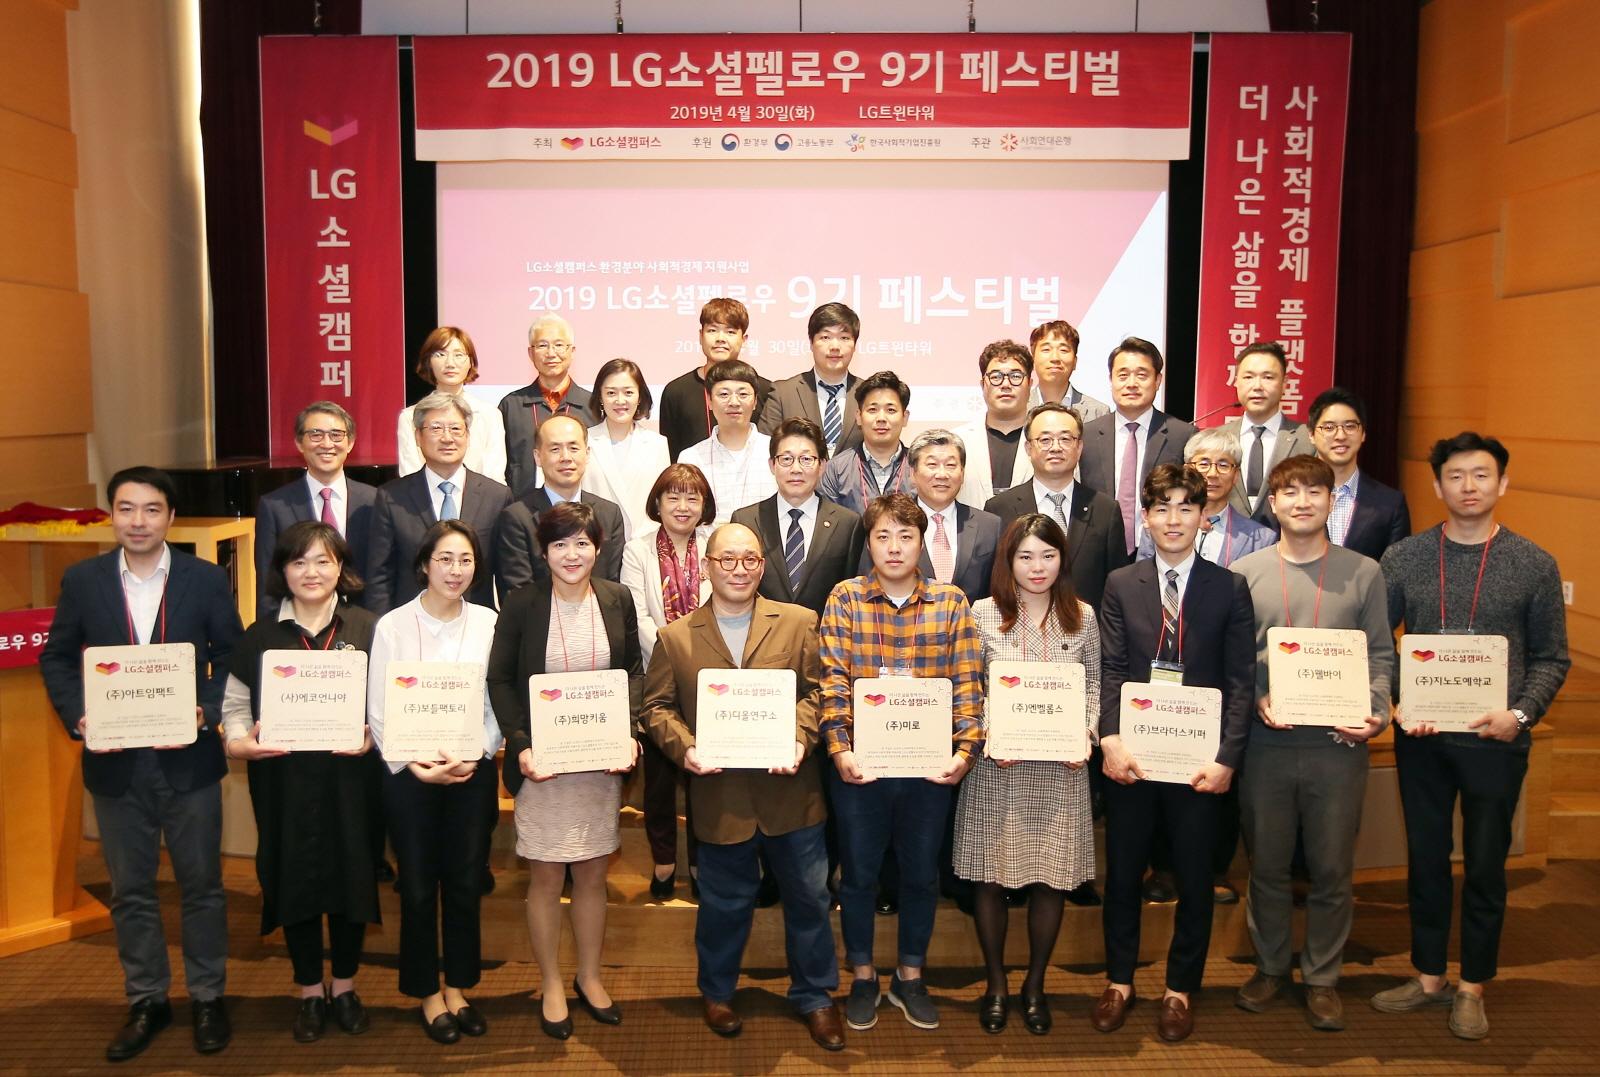 LG전자가 지난달 30일 서울 여의도 LG트윈타워에서 'LG소셜펠로우 9기 페스티벌'을 열었다. LG전자는 기업들의 환경적 가치, 공익성, 지속가능성, 지원타당성, LG와의 연계성 등을 고려해 LG소셜펠로우를 선발한다. 선발된 기업은 ▲2년간 무상지원 최대 5천만 원, 무이자대출 최대 1억 원 ▲생산성 향상 위한 맞춤형 컨설팅 ▲LG전자 경영 노하우 공유, 관련 분야 전문가 코칭 등의 역량강화 프로그램 ▲고려대학교 내 LG소셜캠퍼스의 사무공간 등을 지원받는다. 사진은 LG트윈타워에서 열린 'LG소셜펠로우 9기 페스티벌'에 참가한 기업 대표들과 LG전자 관계자들이 포즈를 취하고 있다.